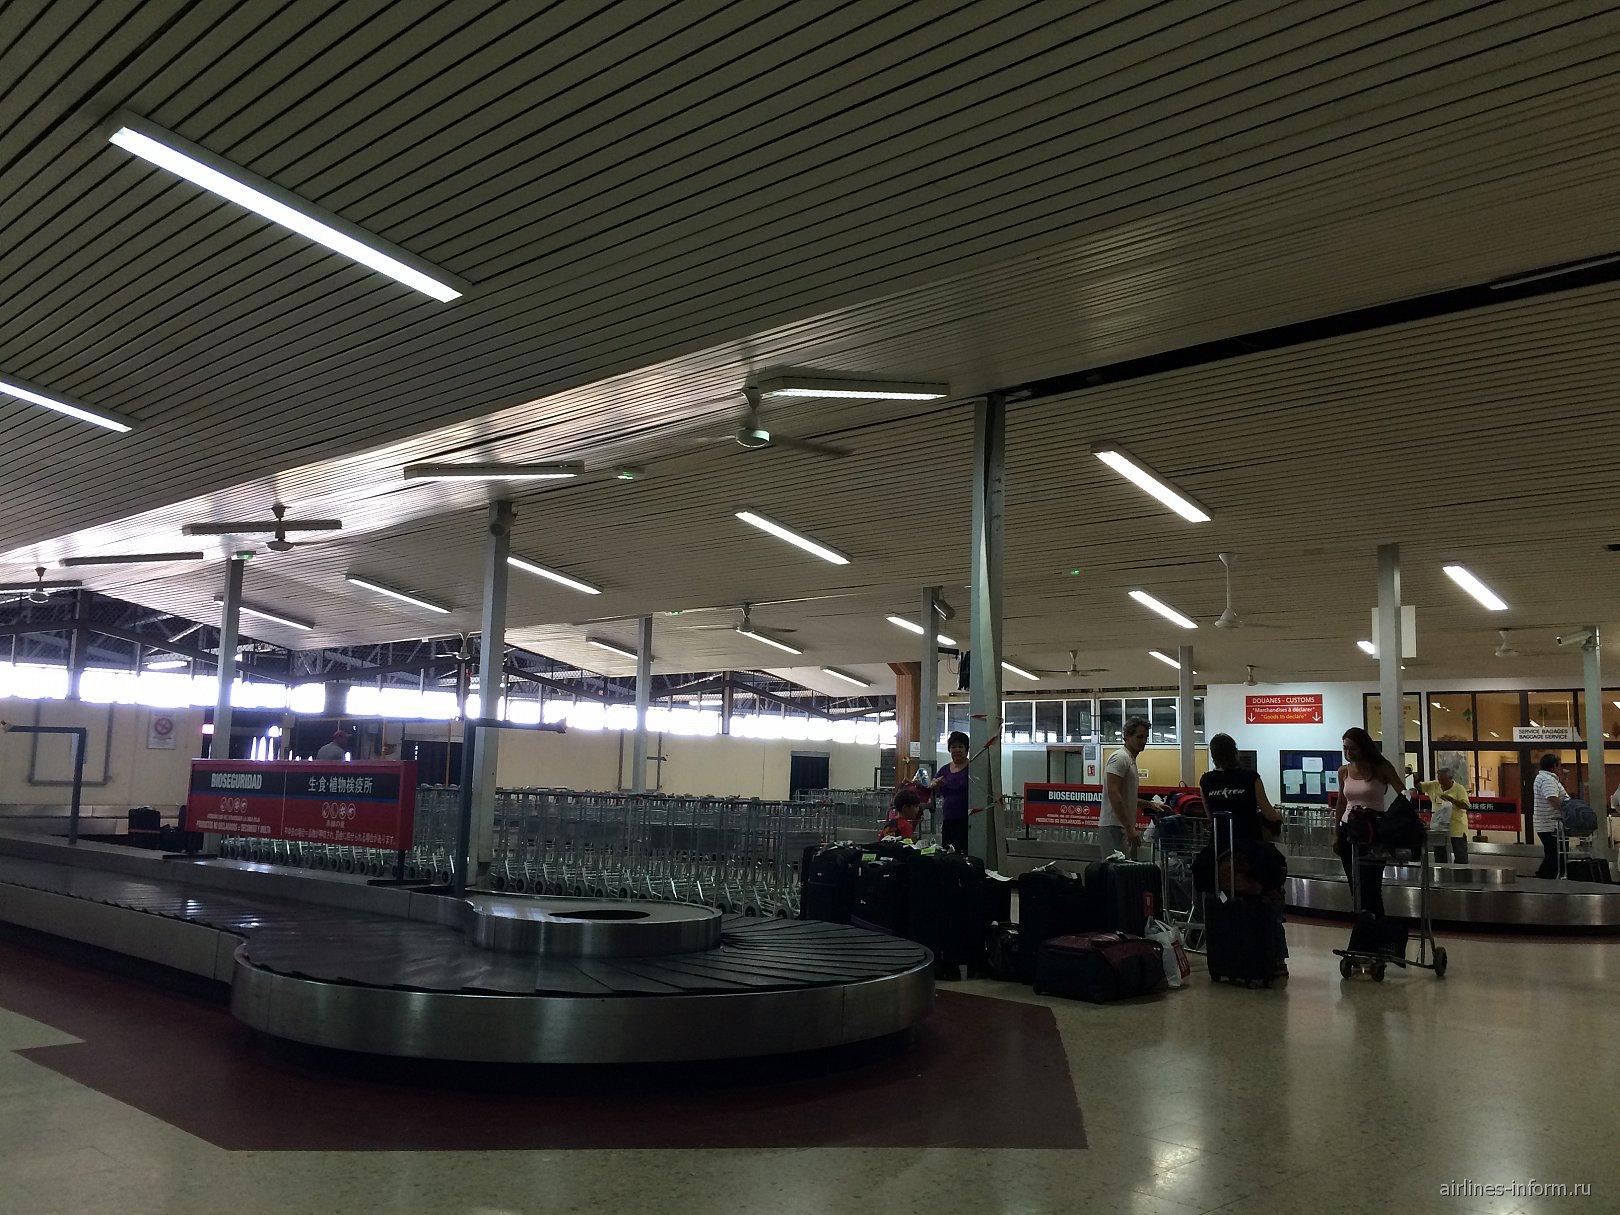 Зал выдачи багажа в аэропорту Папеэте Фаа на Таити